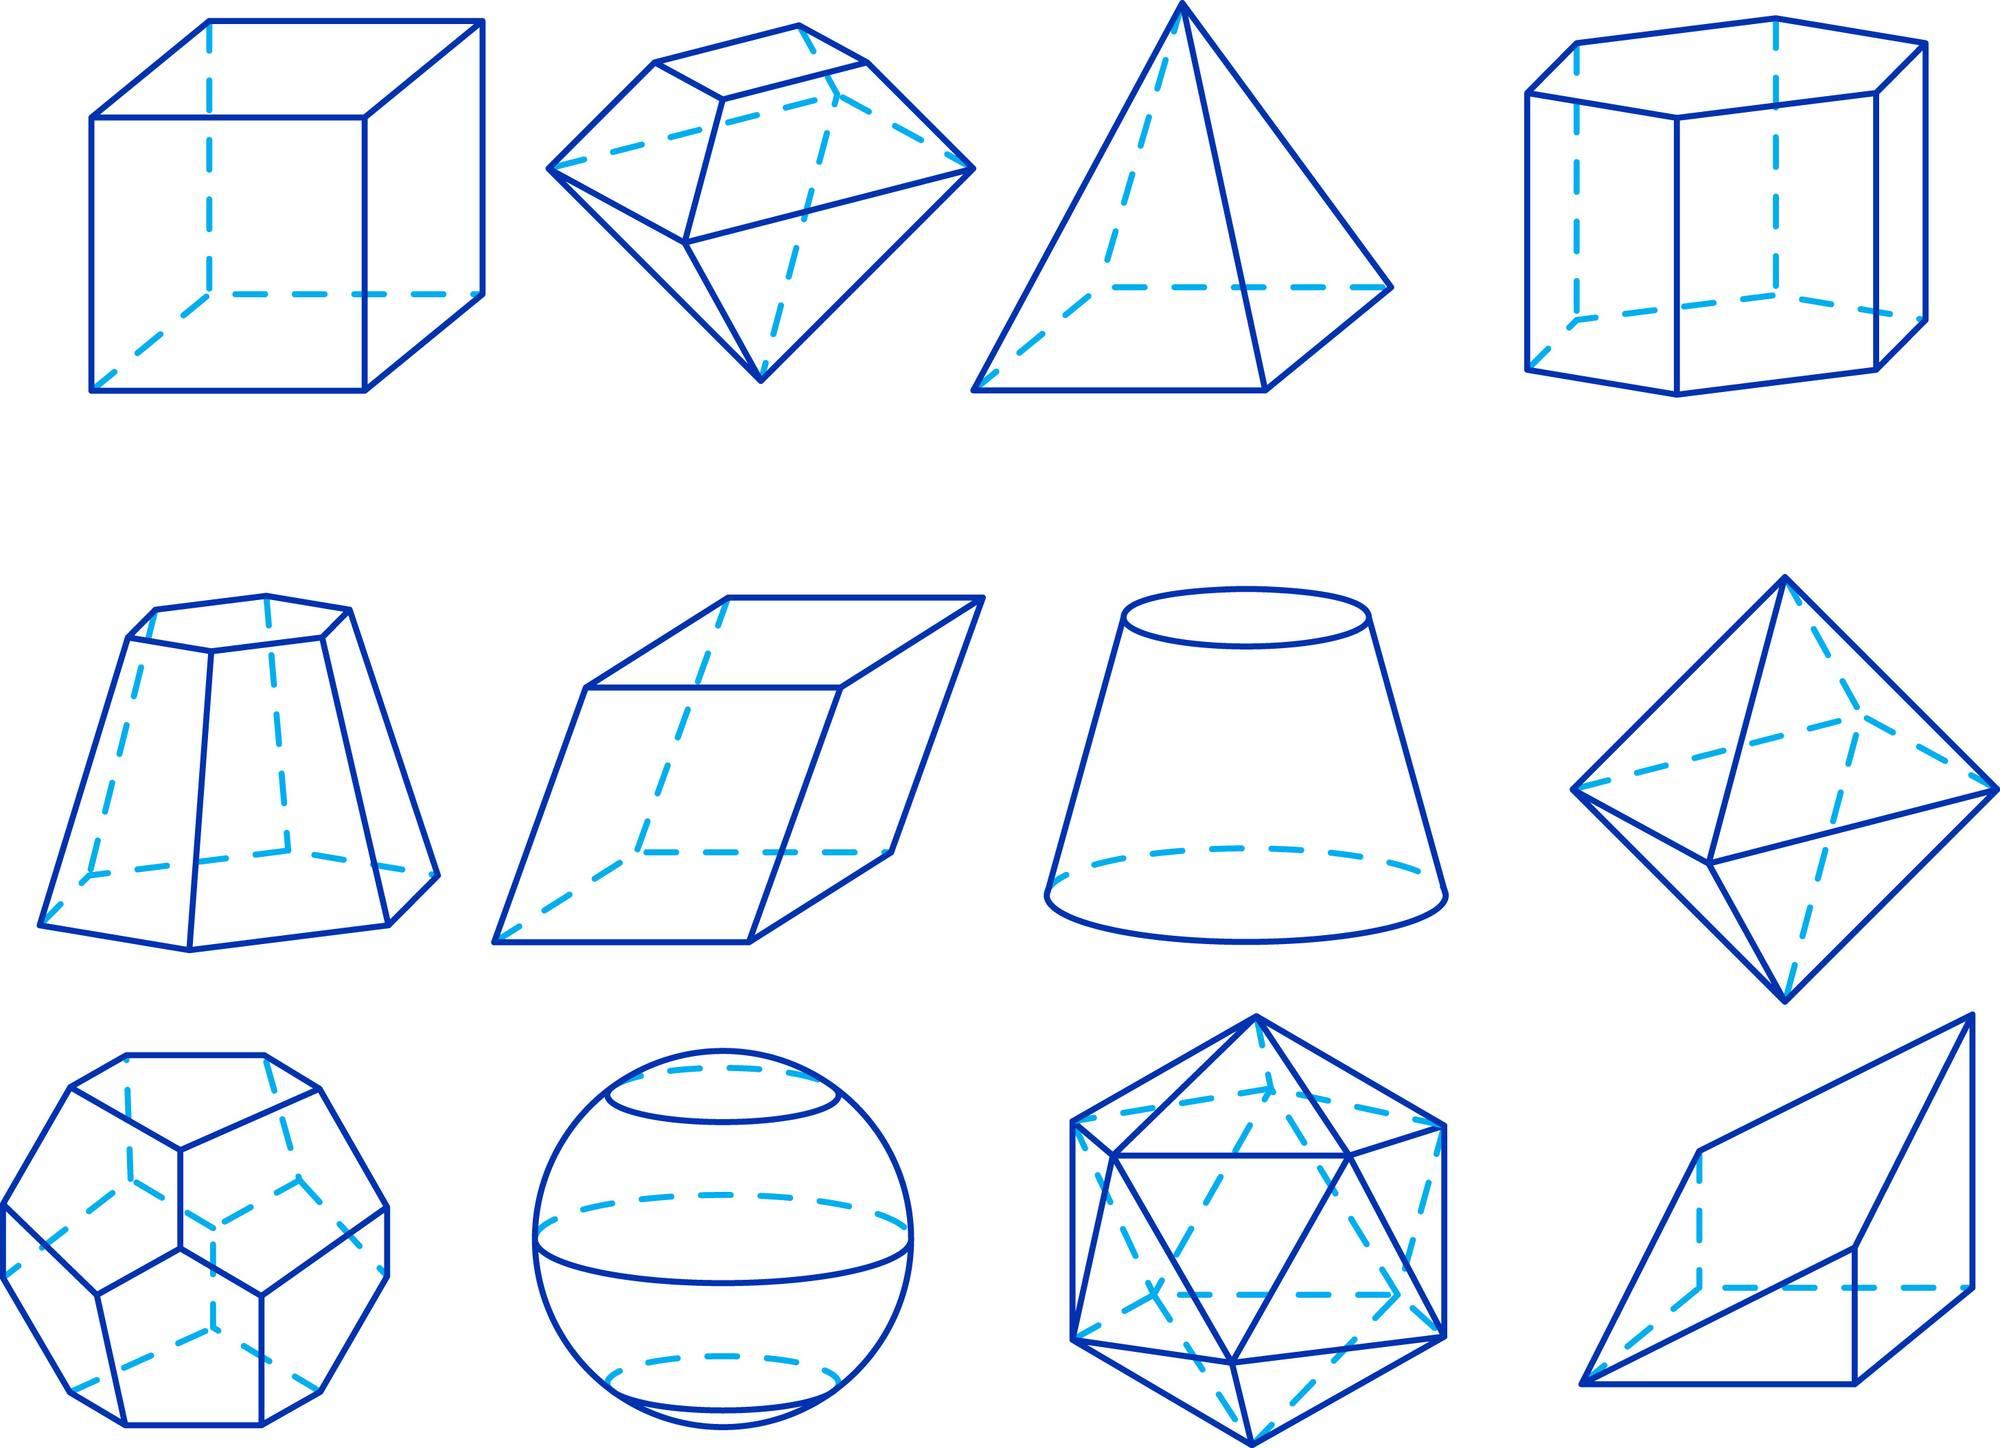 """צורות גיאומטריות שונות שיוצר המבנה הקובי (שלושה צירים שווים זה לזה באורך ומאונכים זה לזה ב-90 מעלות). צורות גיאומטריות שונות שיוצר המבנה הקובי (שלושה צירים שווים זה לזה באורך ומאונכים זה לזה ב-90 מעלות). התמונה ממאגר """"דפוזיט"""" From """"Deposit"""" Photos"""